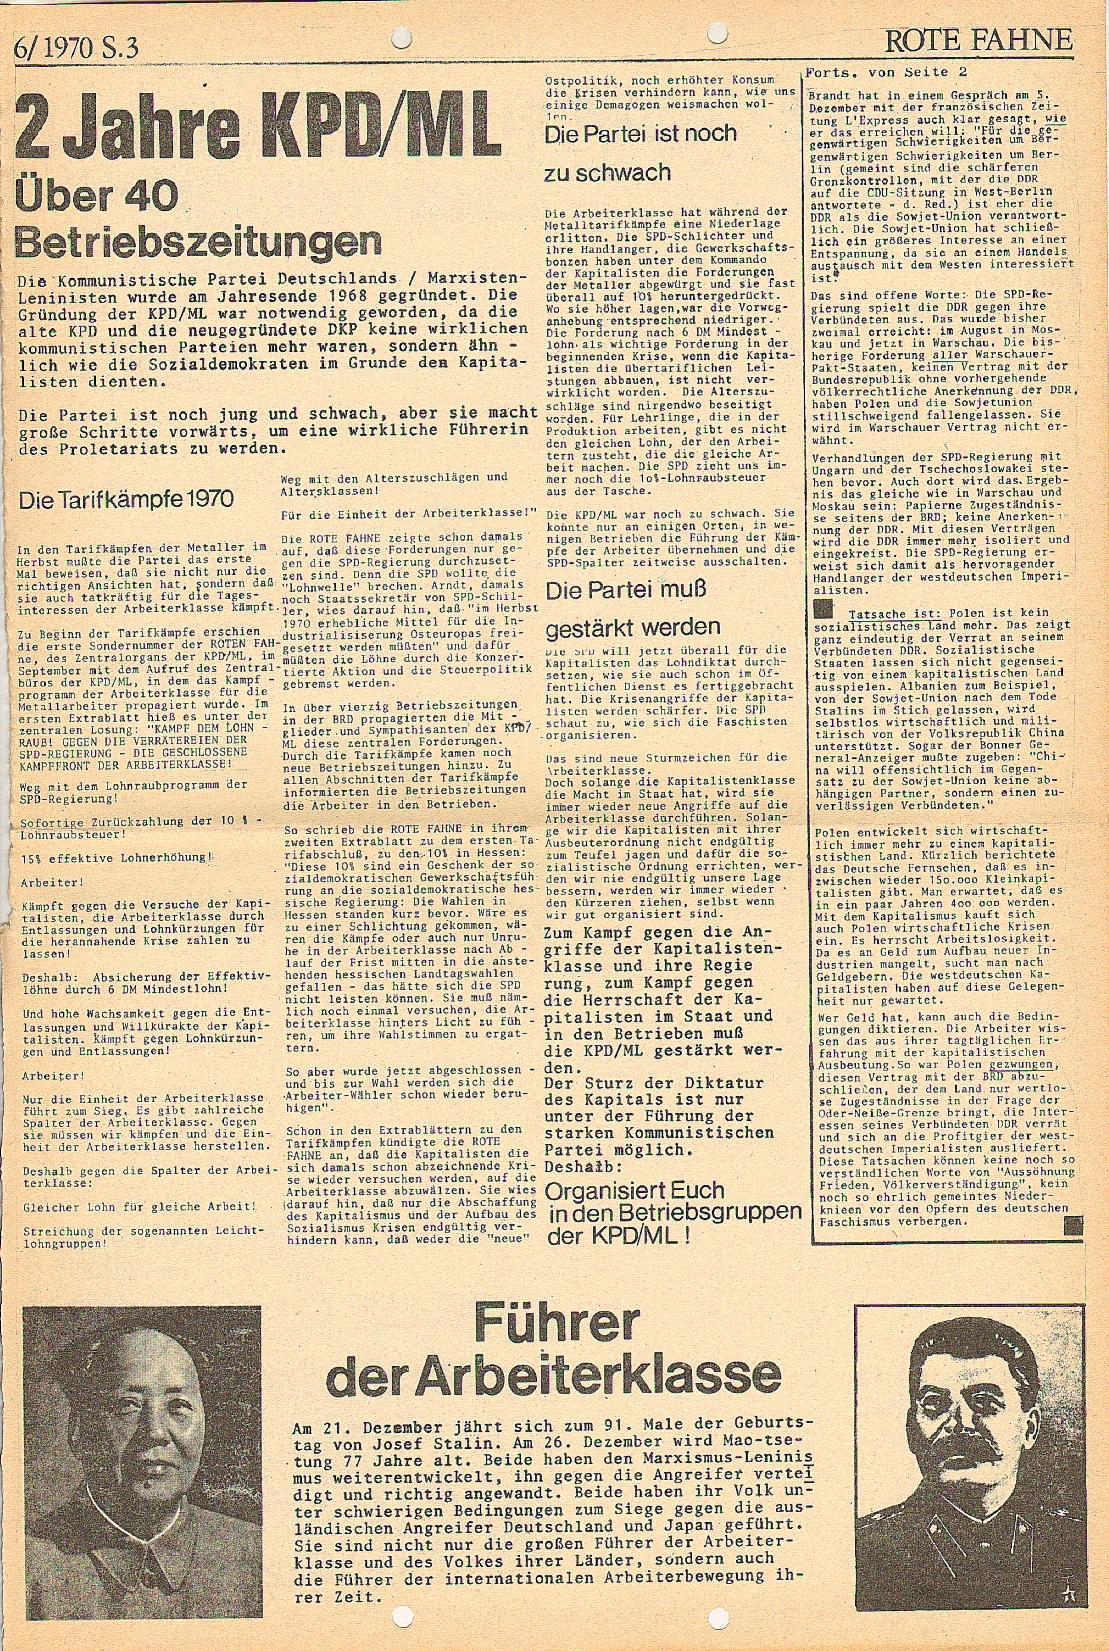 Rote Fahne, 1. Jg., 21.12.1970, Nr. 6, Seite 3